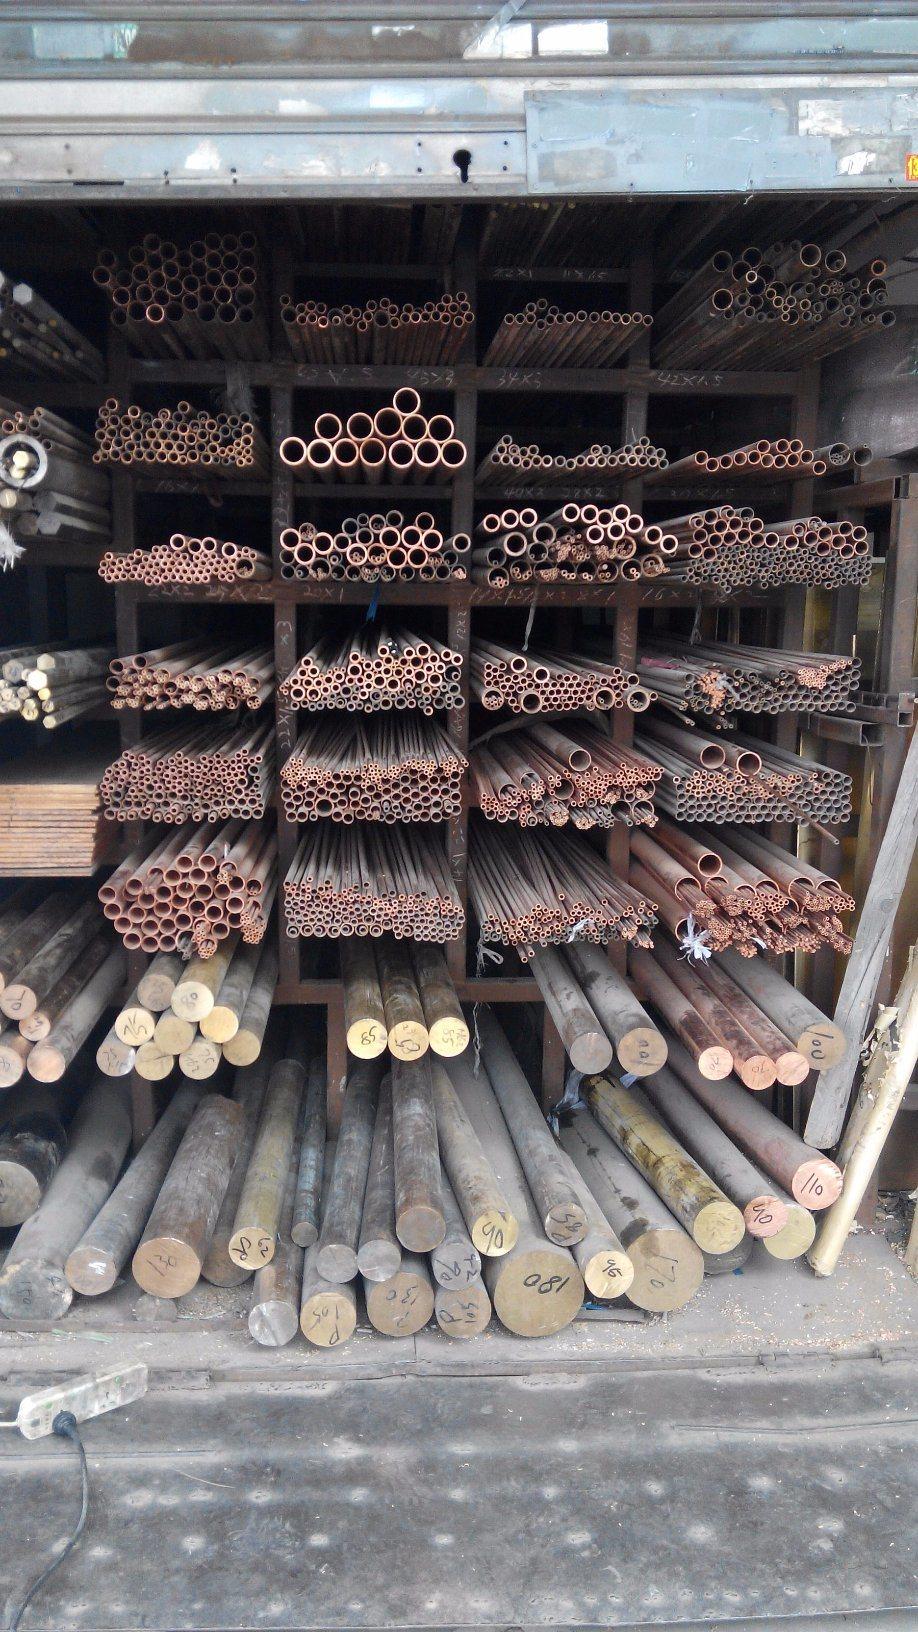 C51900 Tin Bronze Pipe, Casting Copper Pipe